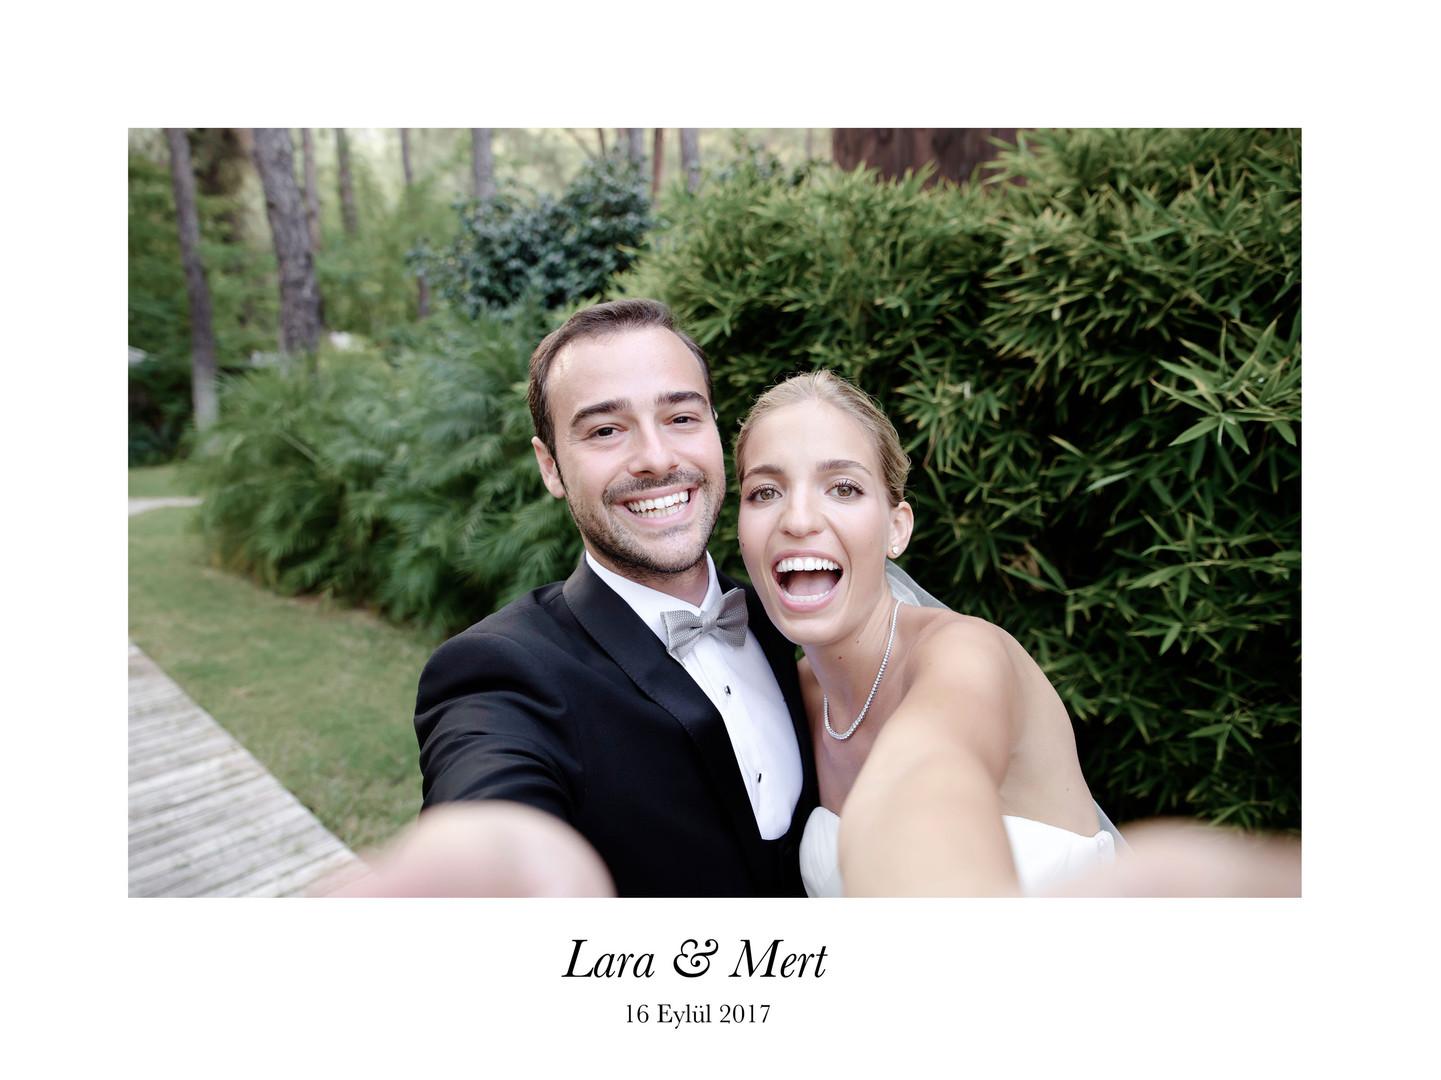 LaraMertAlbum-2_01.jpg